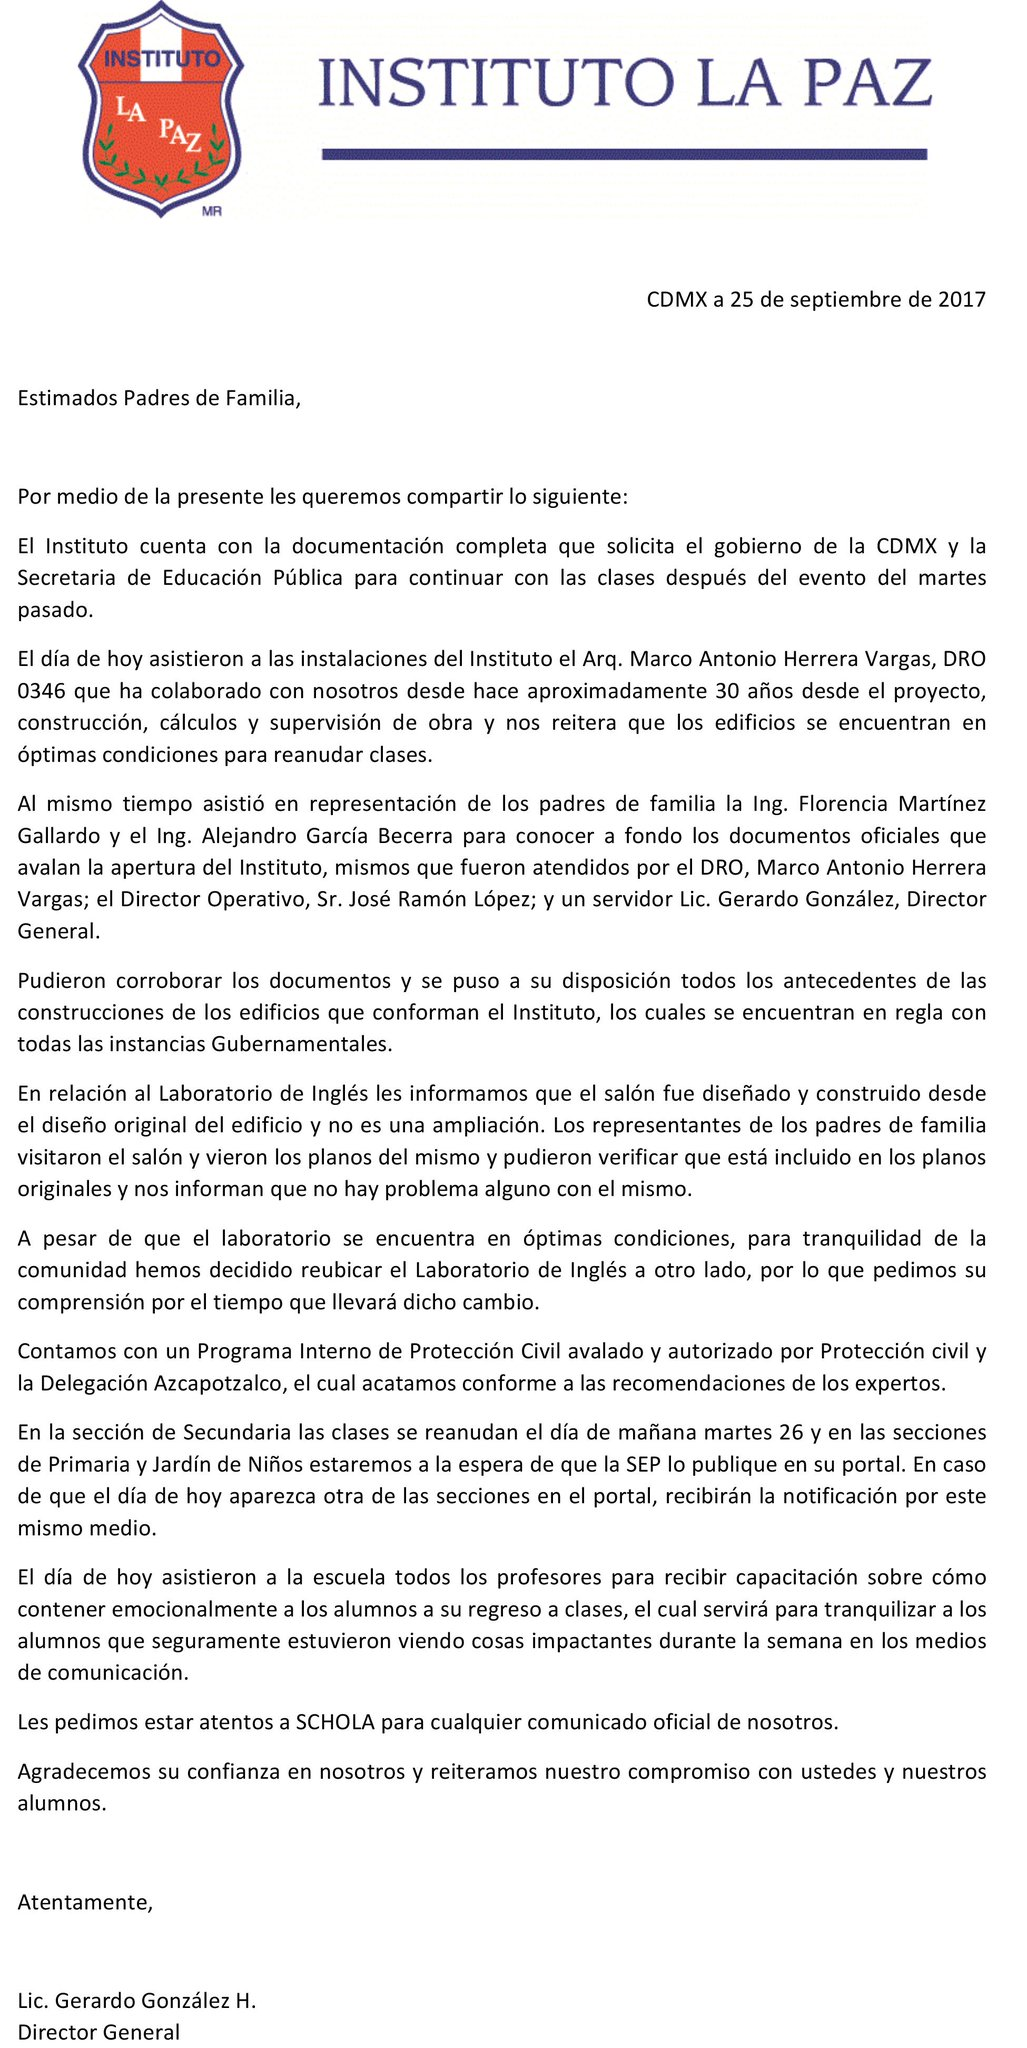 Hermosa Reanudar Expertos Gratis Imágenes - Colección De Plantillas ...